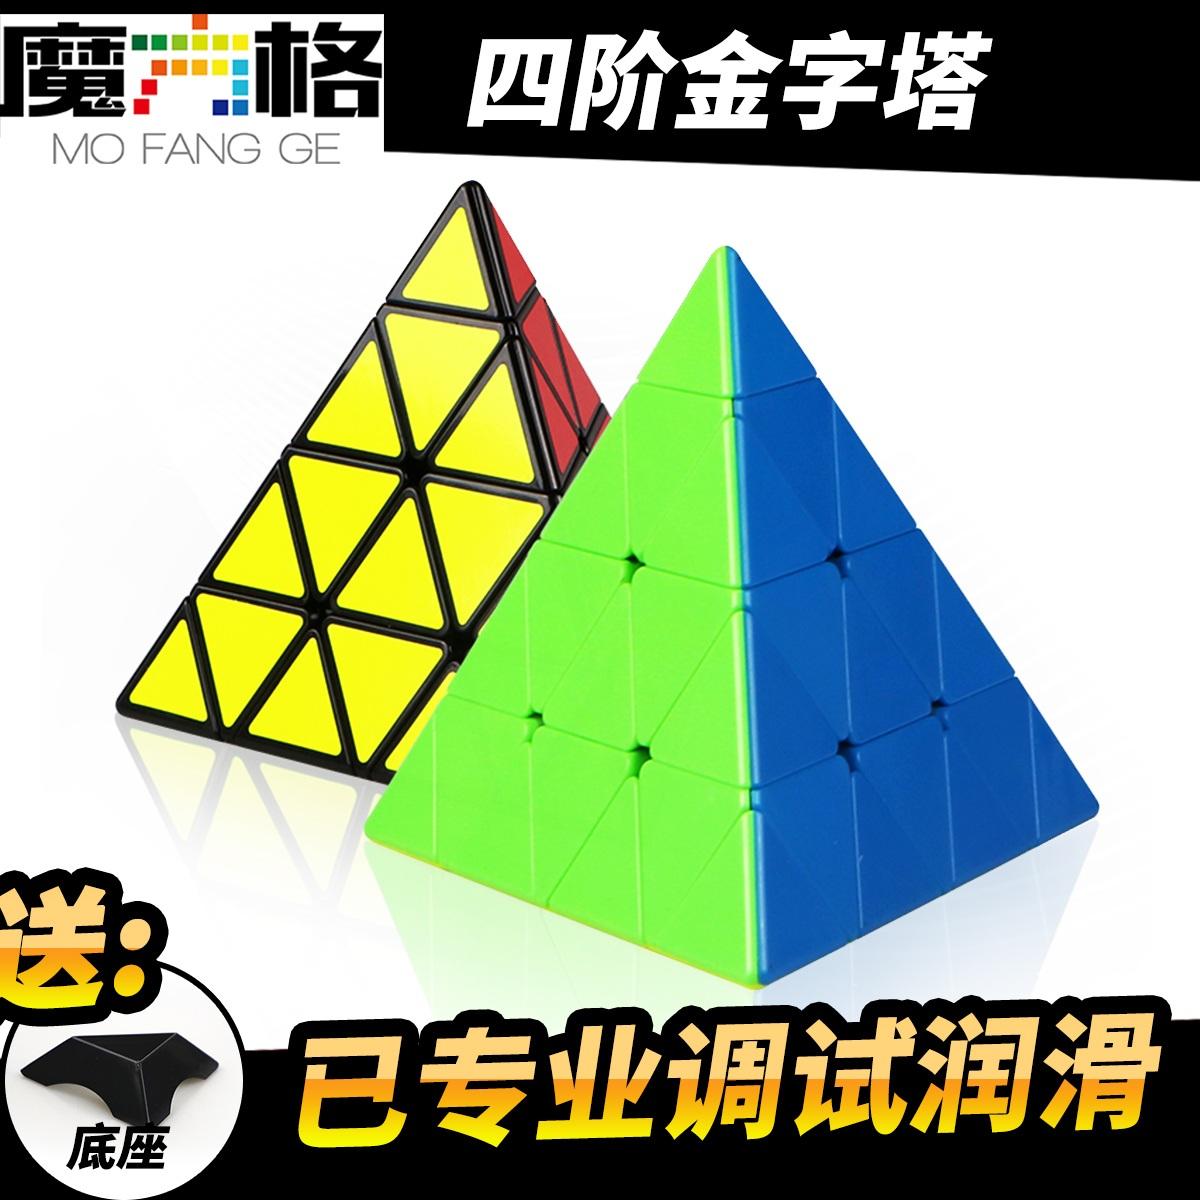 奇艺魔方格 四阶金字塔魔方 专业高阶难度异型4阶金字塔玩具顺滑